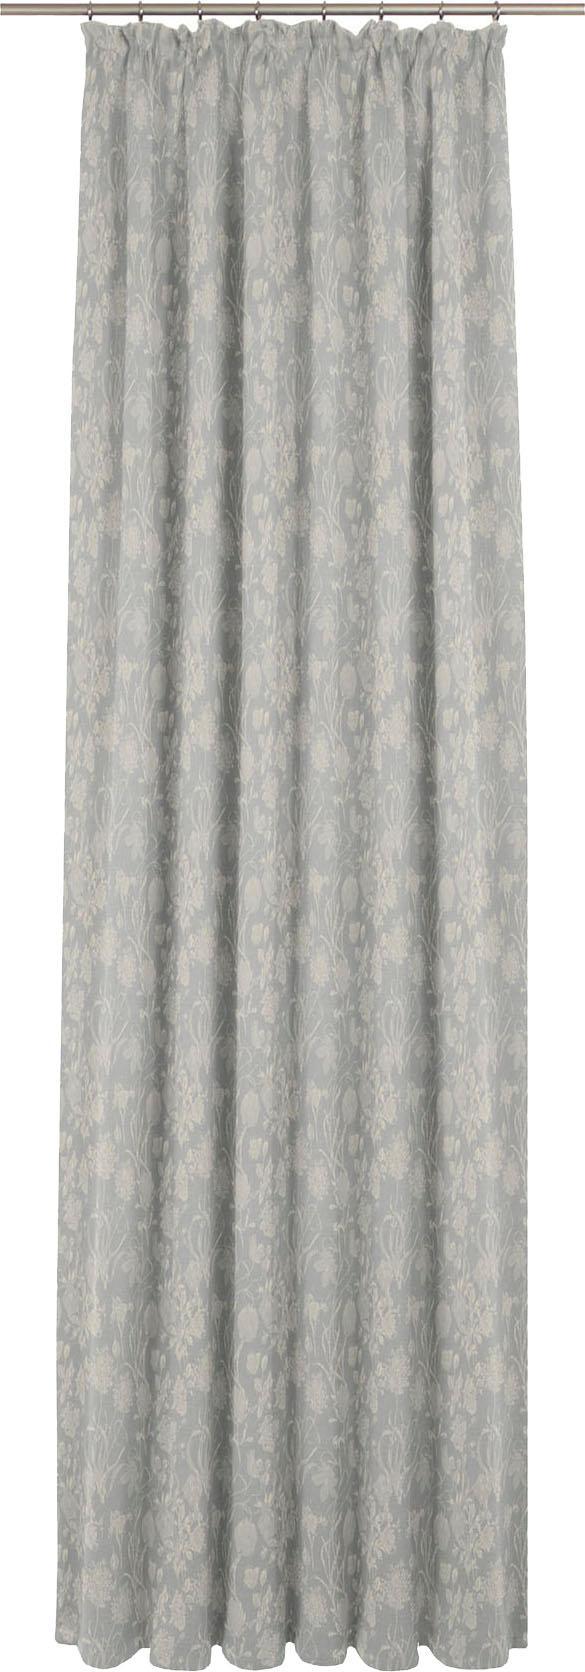 Vorhang, »Flower Cuveé Light«, Adam, Kräuselband 1 Stück   Heimtextilien > Gardinen und Vorhänge > Vorhänge   Grau   Baumwolle   Adam